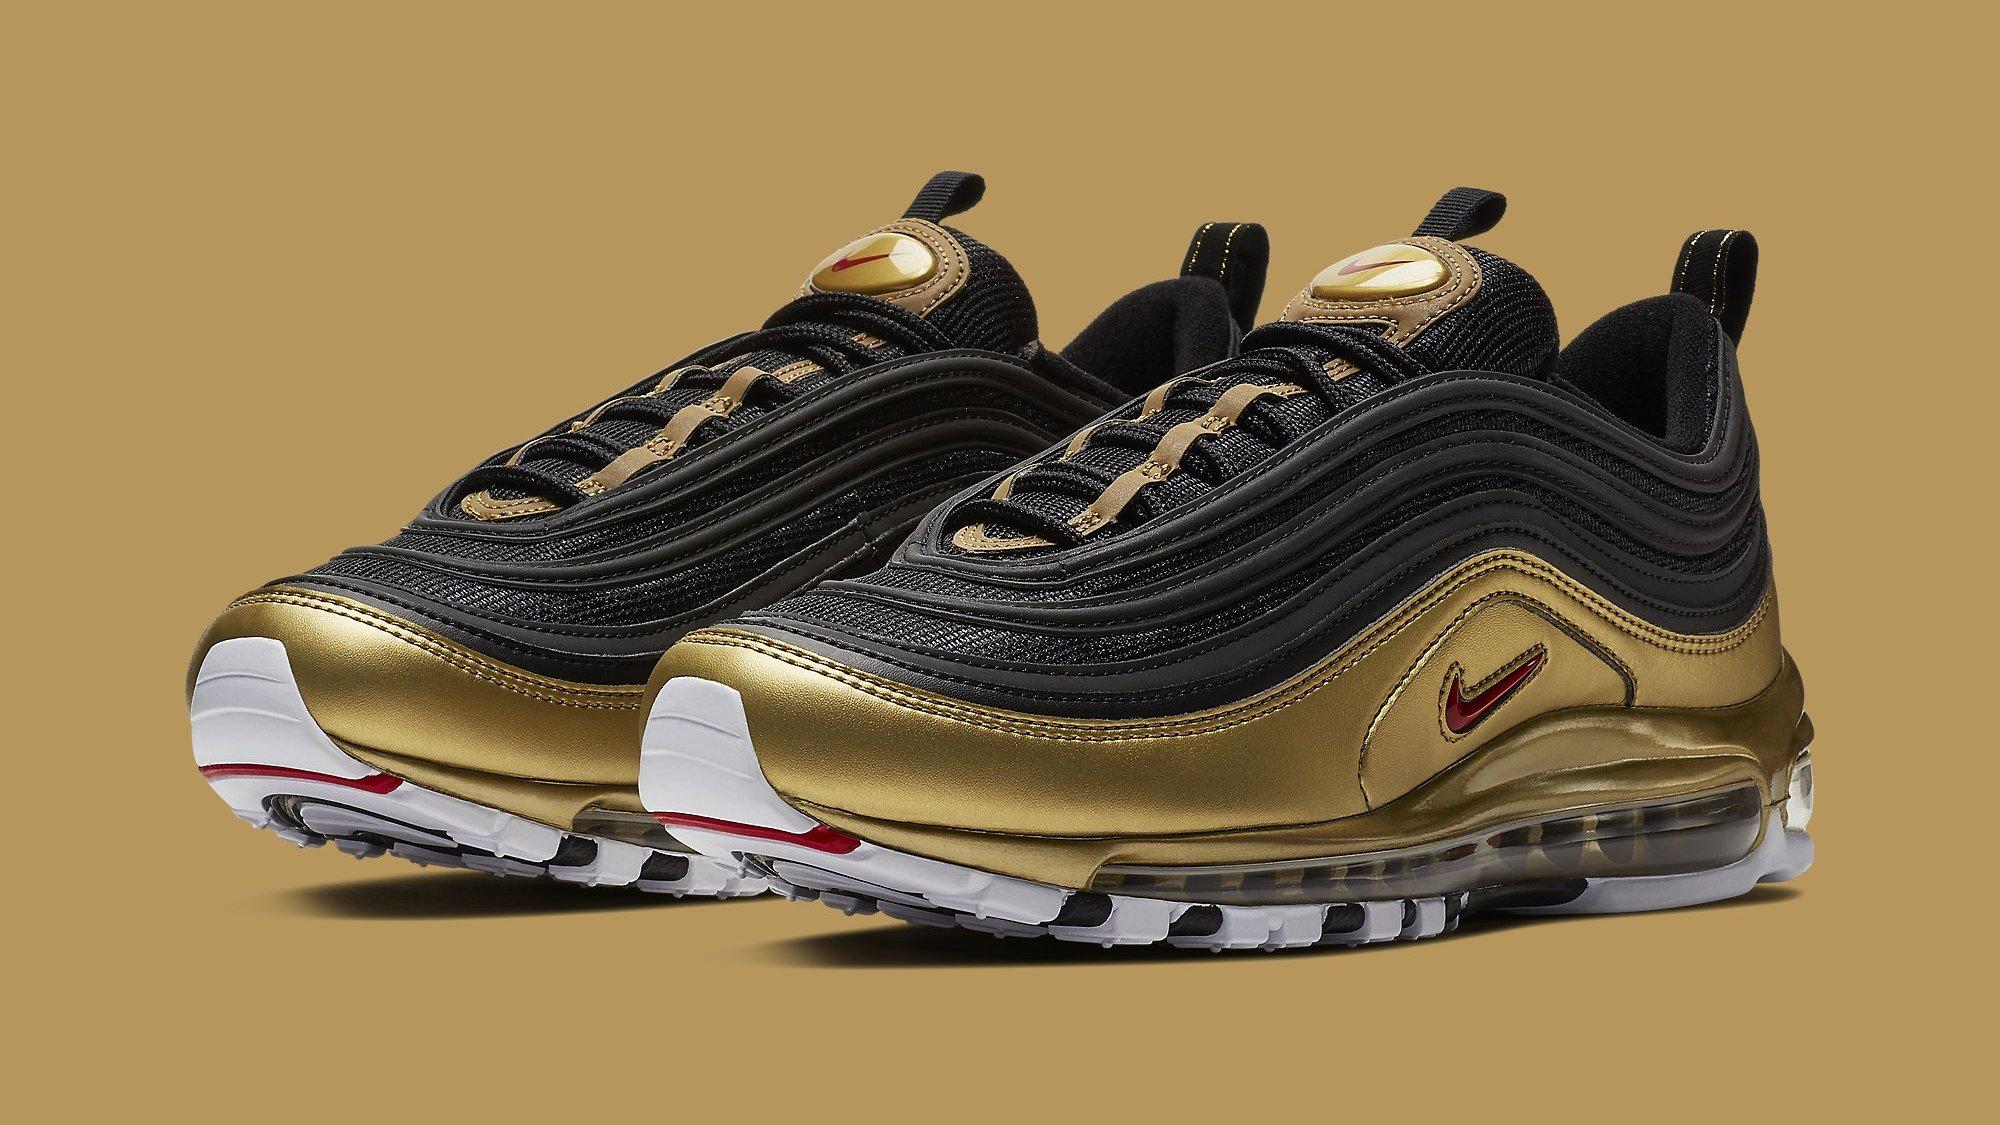 Nike Air Max 97 'Black/Metallic Gold' AT5458-002 'Black/Metallic ...